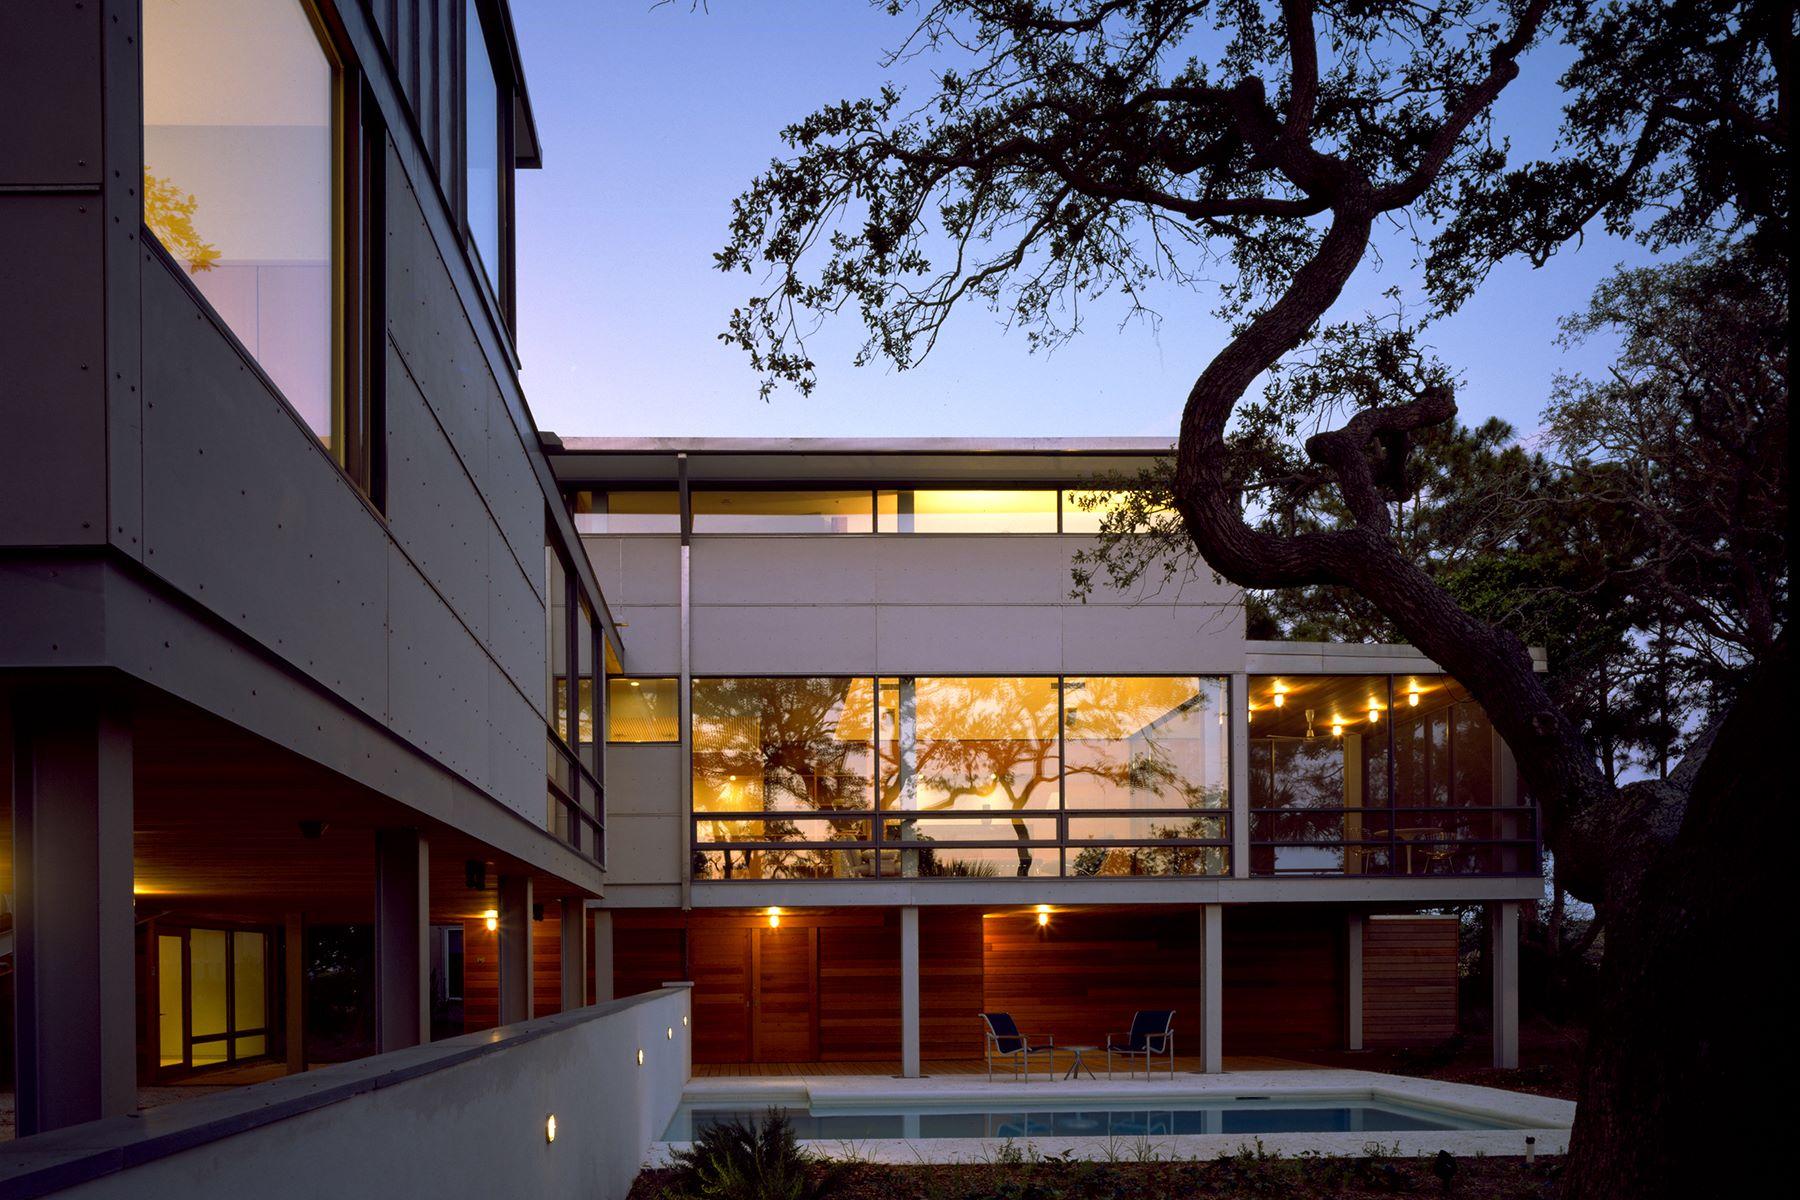 Μονοκατοικία για την Πώληση στο 228 Catalina Drive Tybee Island, Γεωργια 31328 Ηνωμενεσ Πολιτειεσ